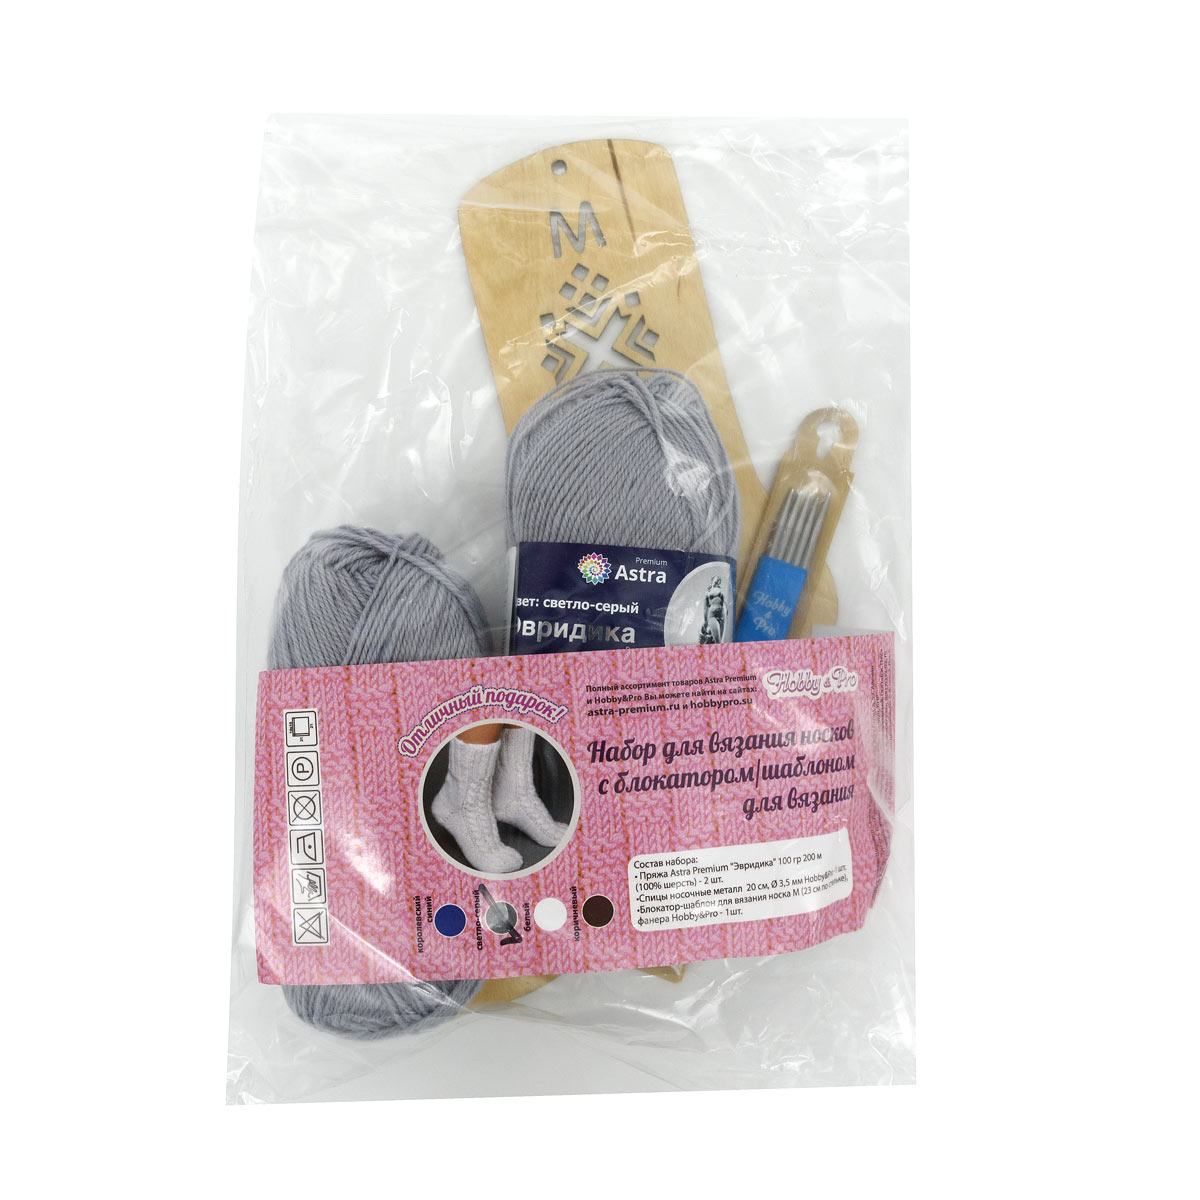 Набор для вязания носков с блокатором/шаблоном для вязания